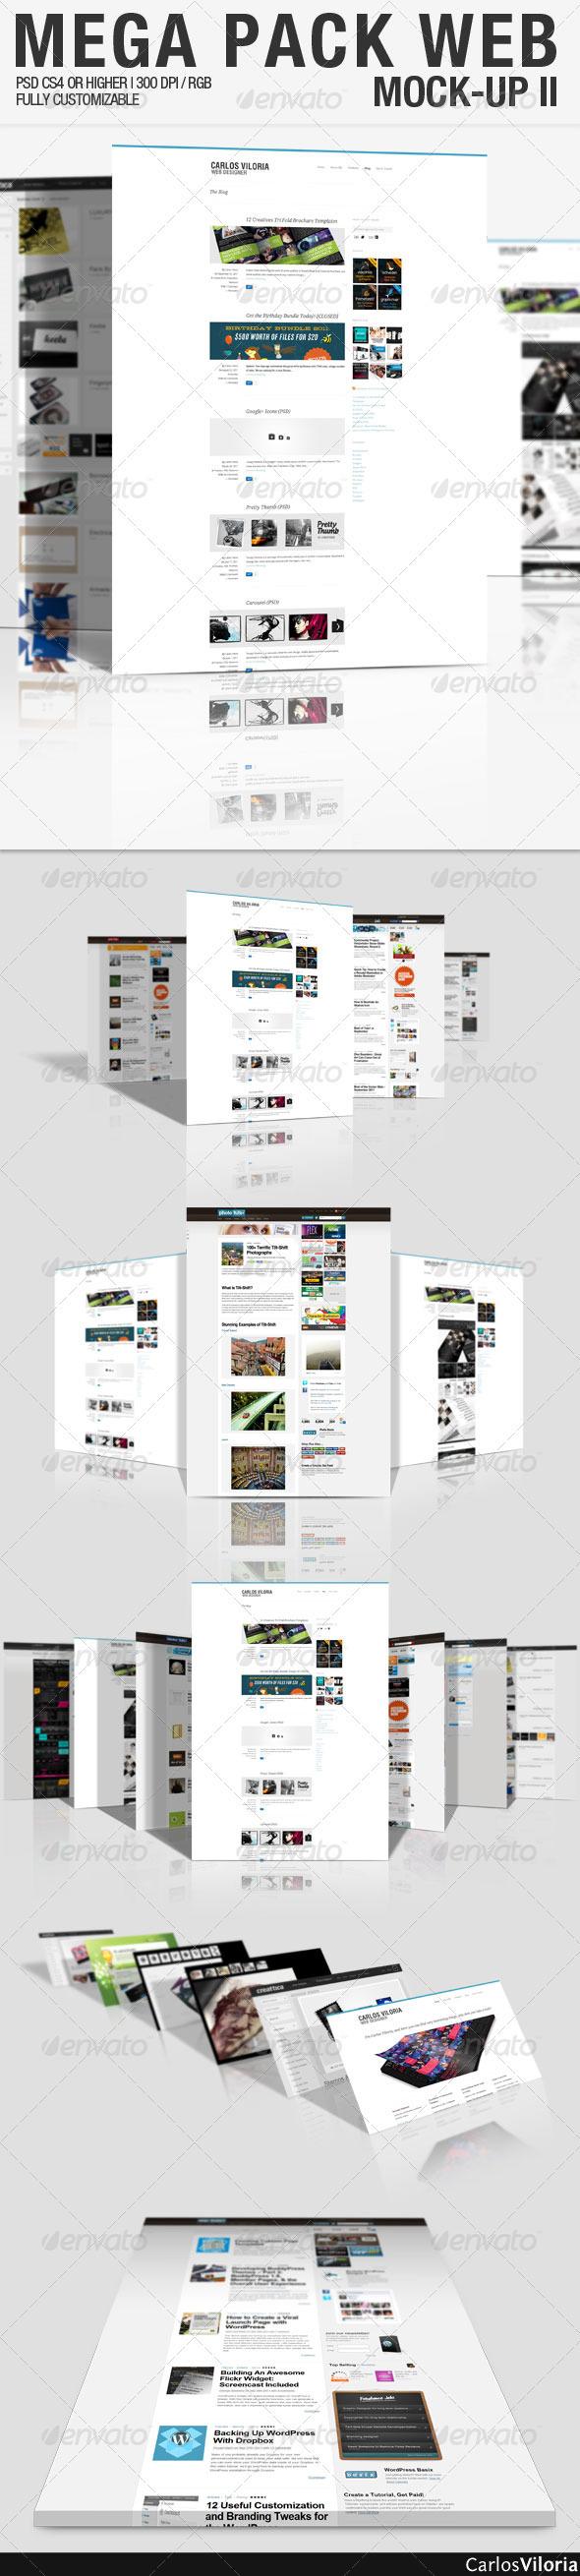 GraphicRiver Mega Pack WEB Mock-Up 2 102941